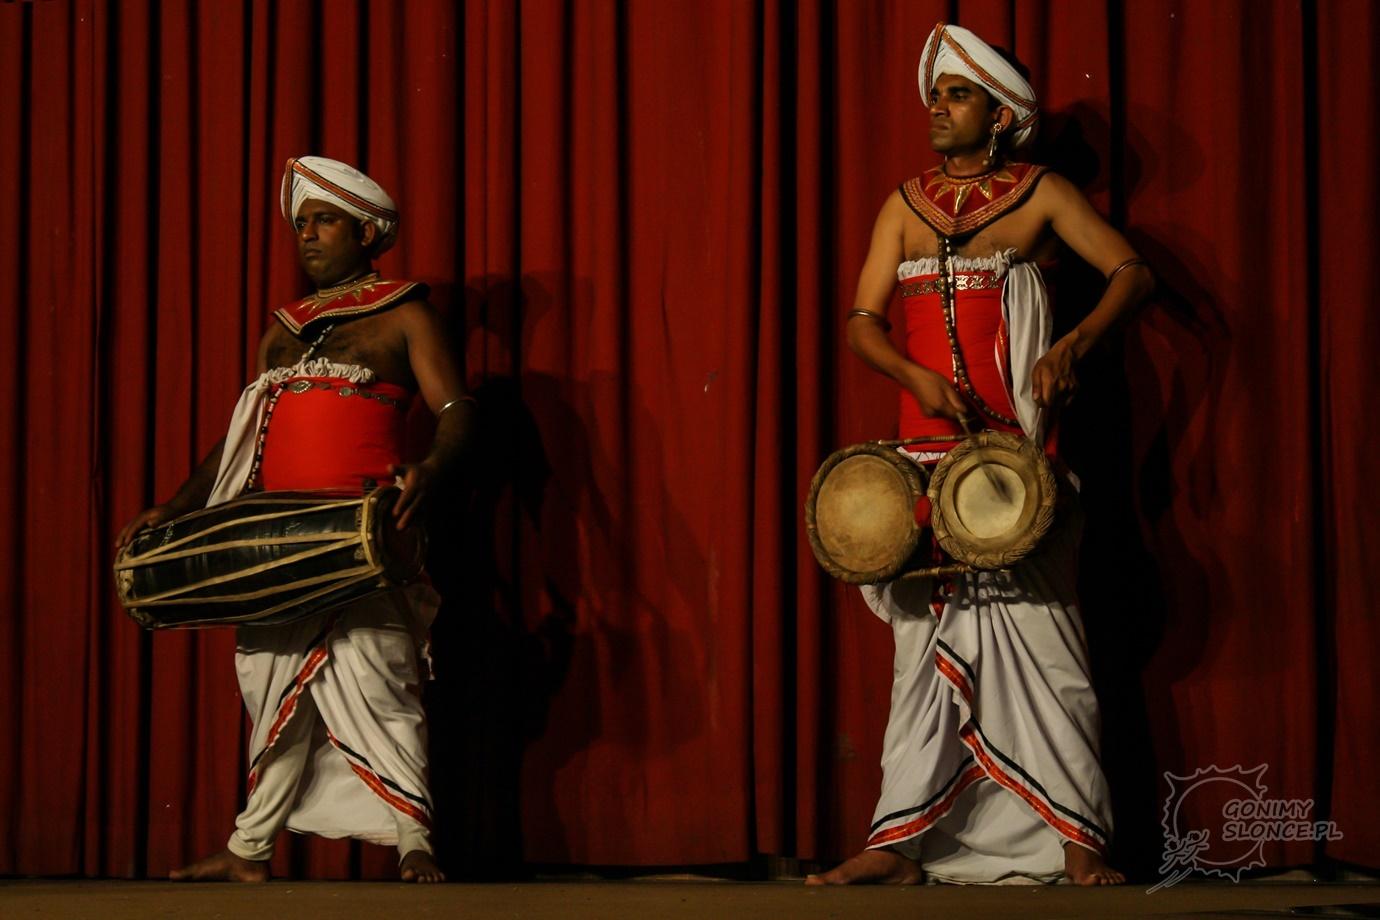 Bębniarze Azji - Sri Lanka